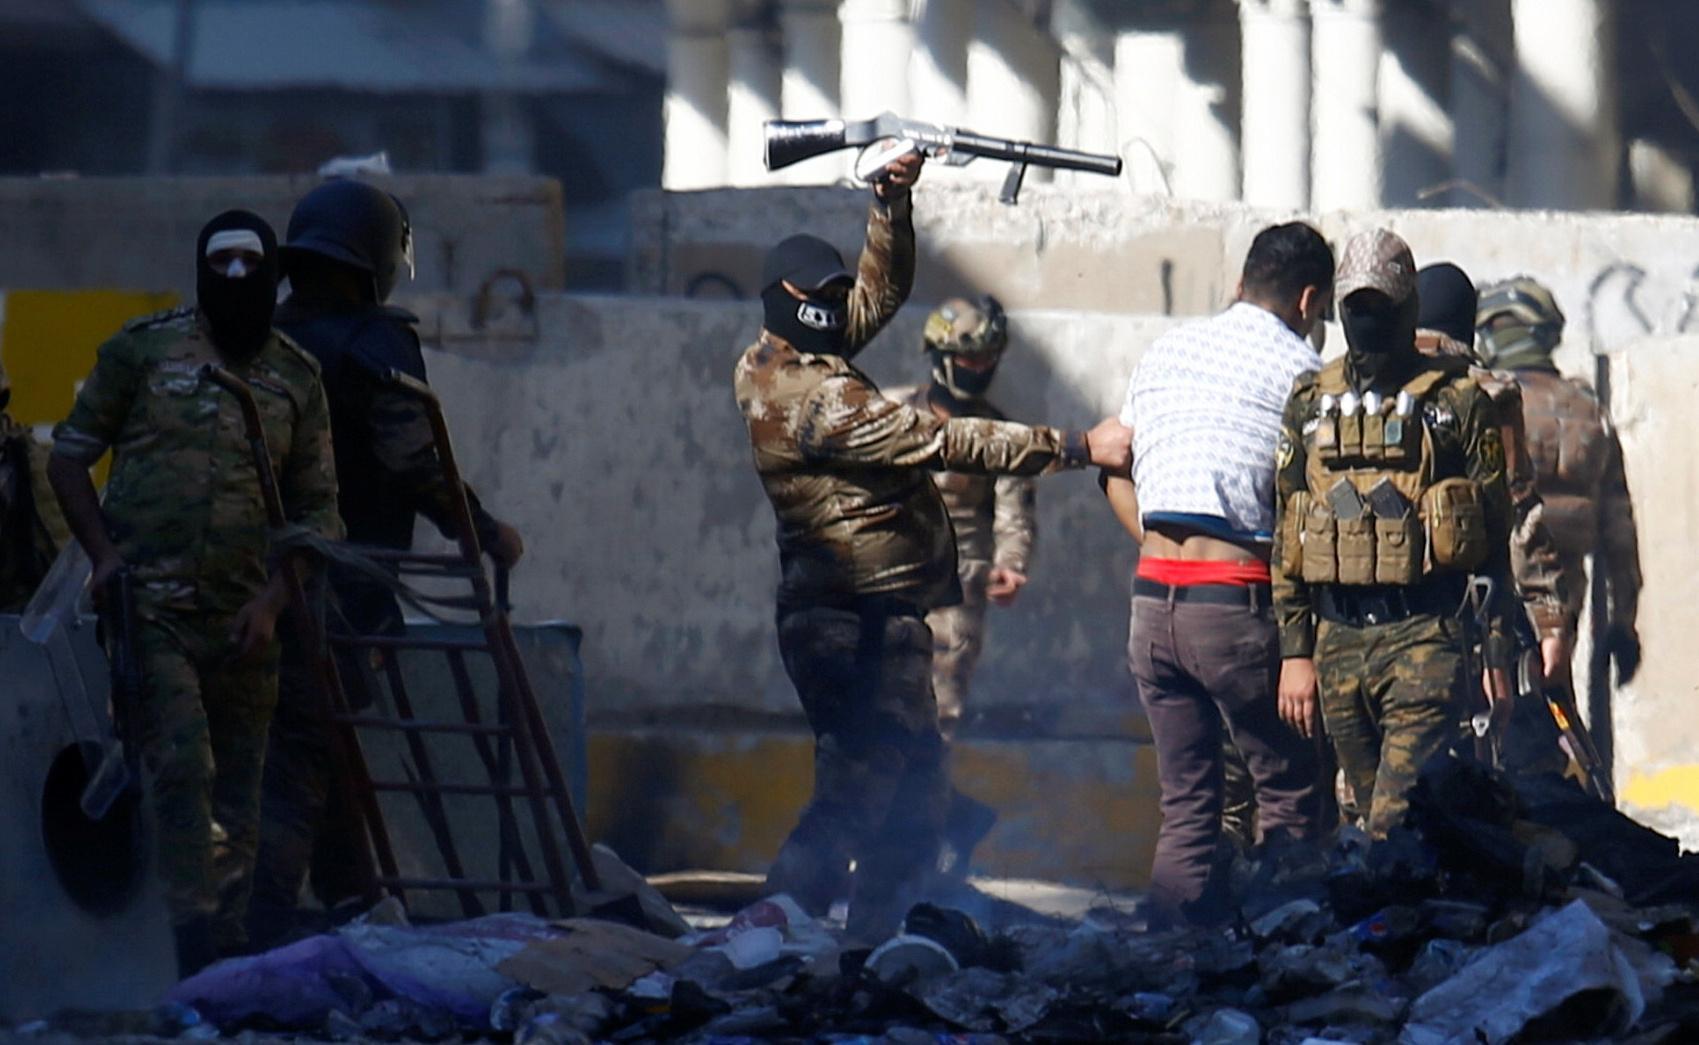 Les affrontements meurtriers se rallument en Irak malgré l'appel du clerc au calme